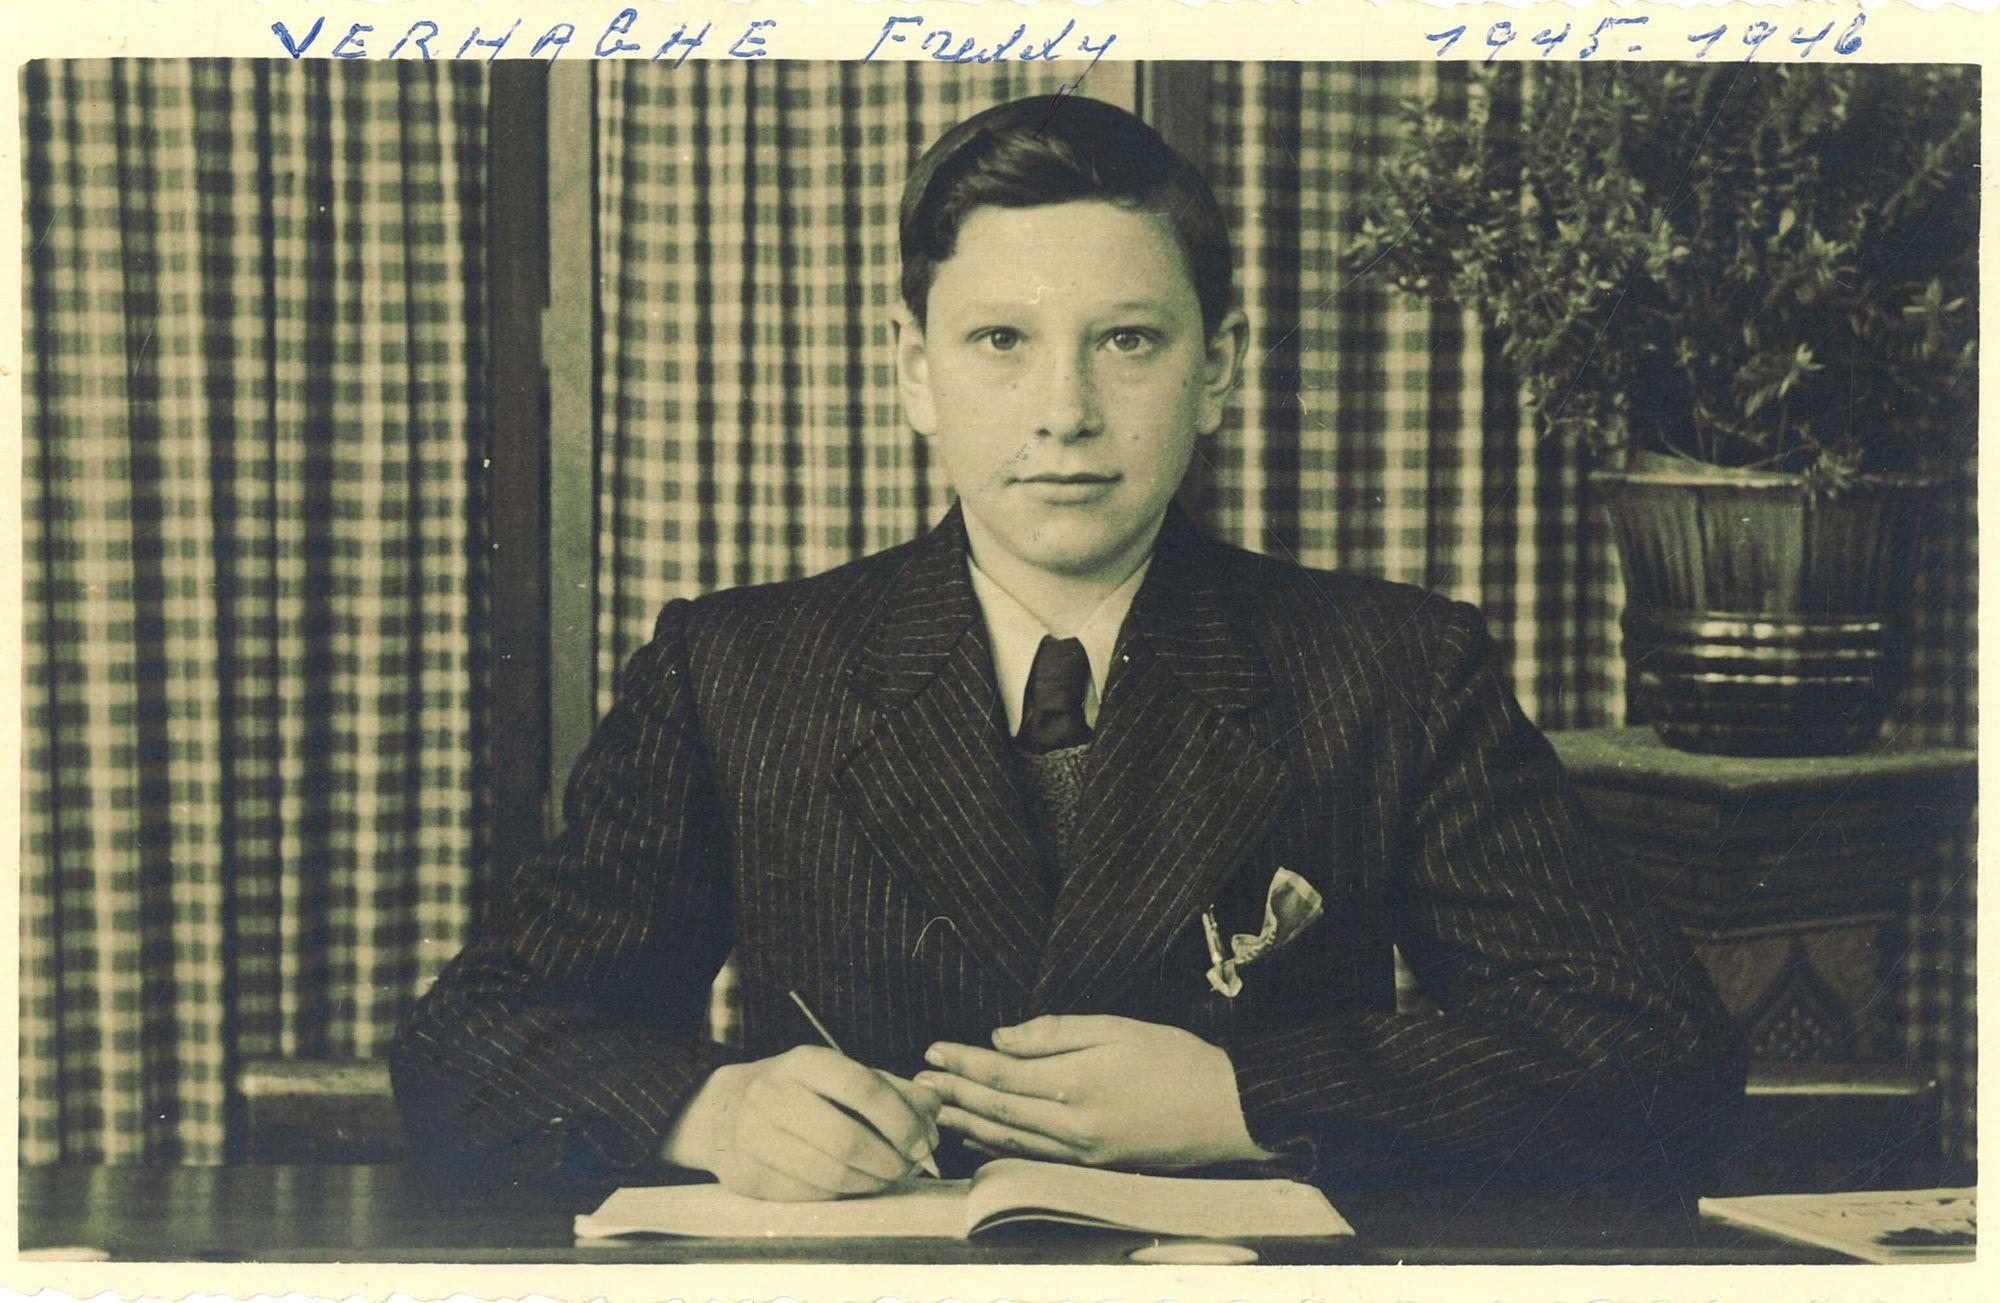 Freddy Verhaeghe, leerling aan de Broederschool Overleie